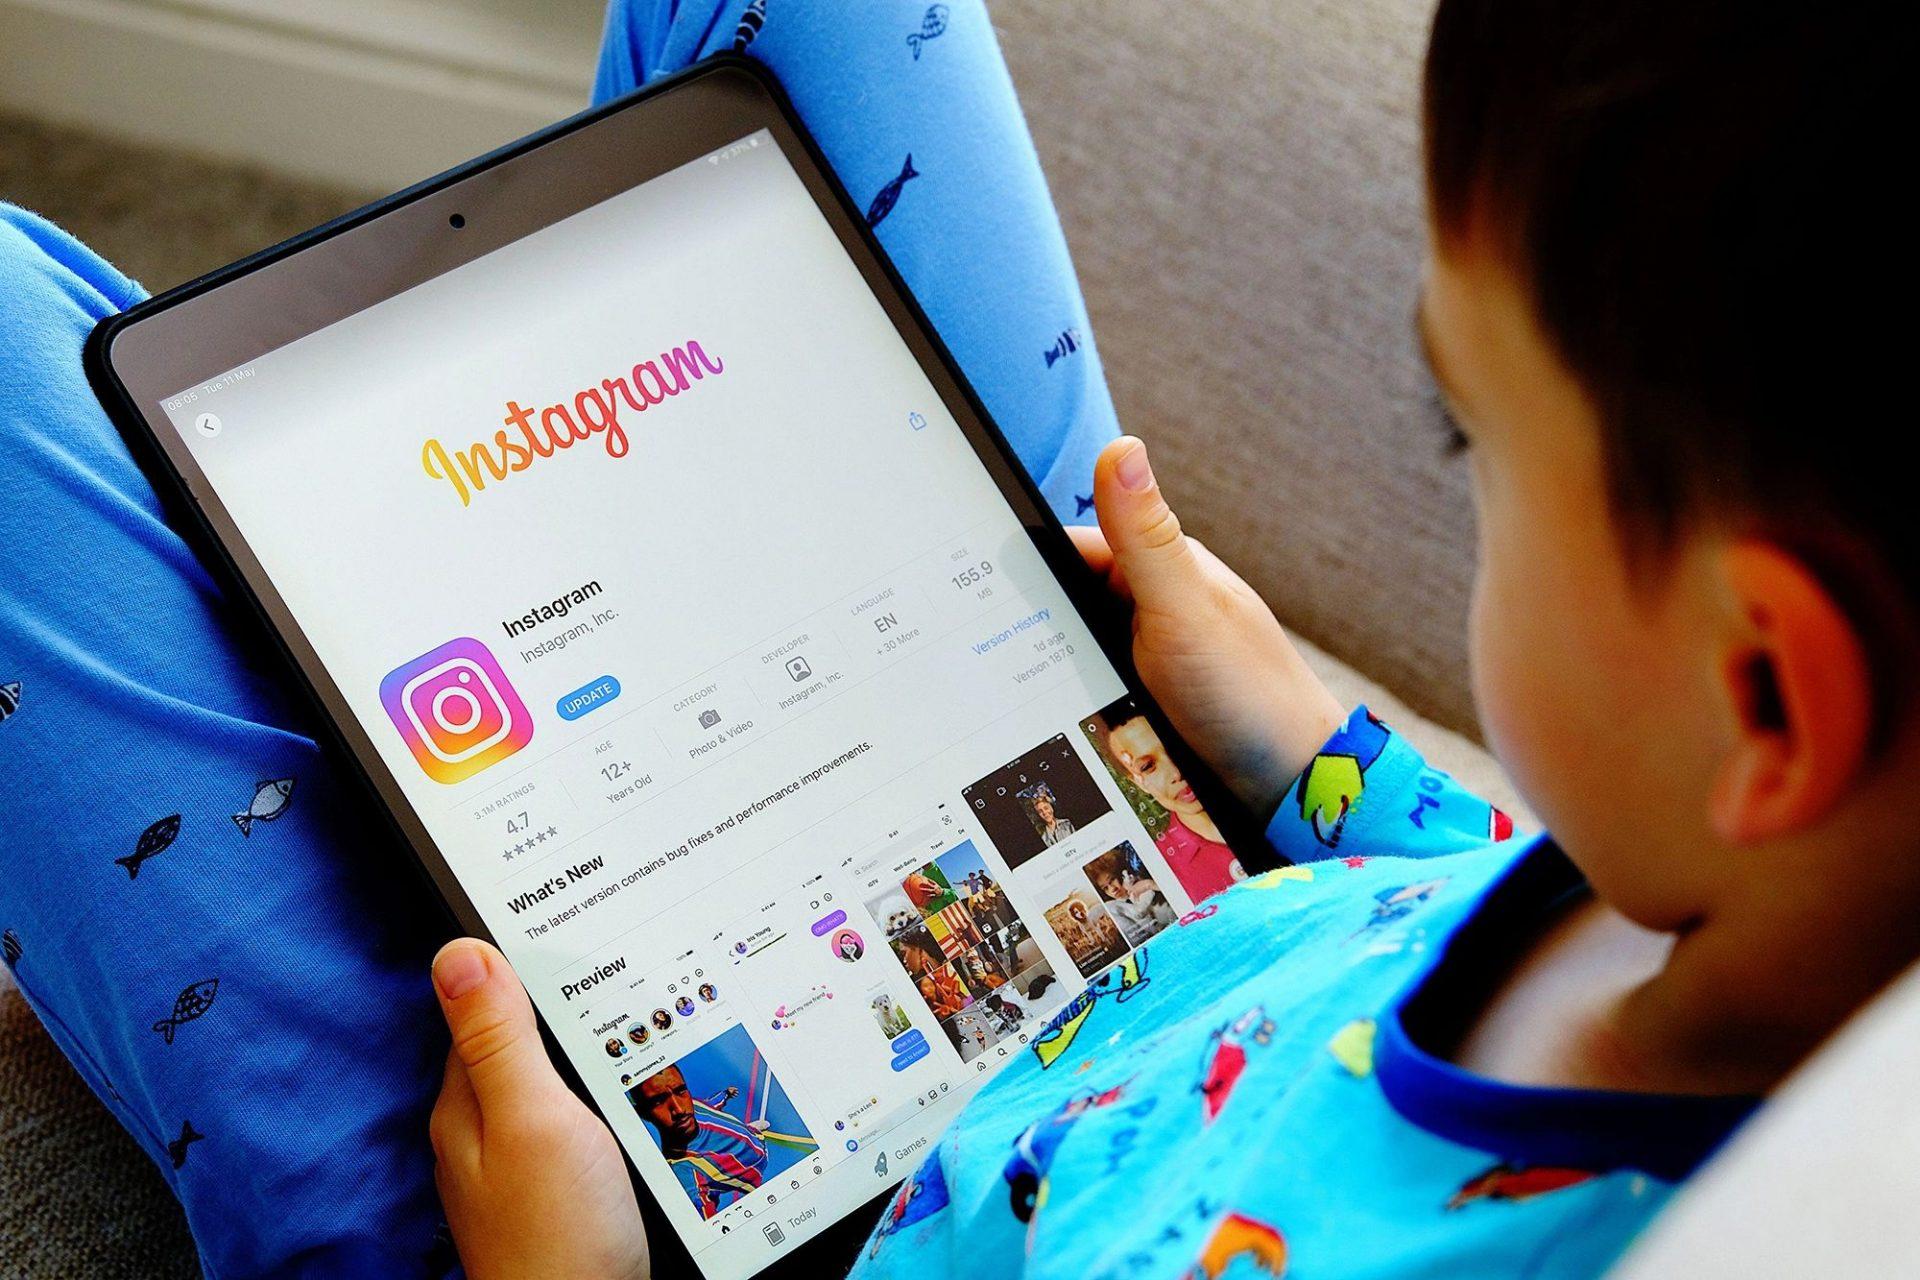 Facebook amână Instagram pentru copii, după publicarea raportului care arată că adolescenții ar fi afectați negativ de aplicație